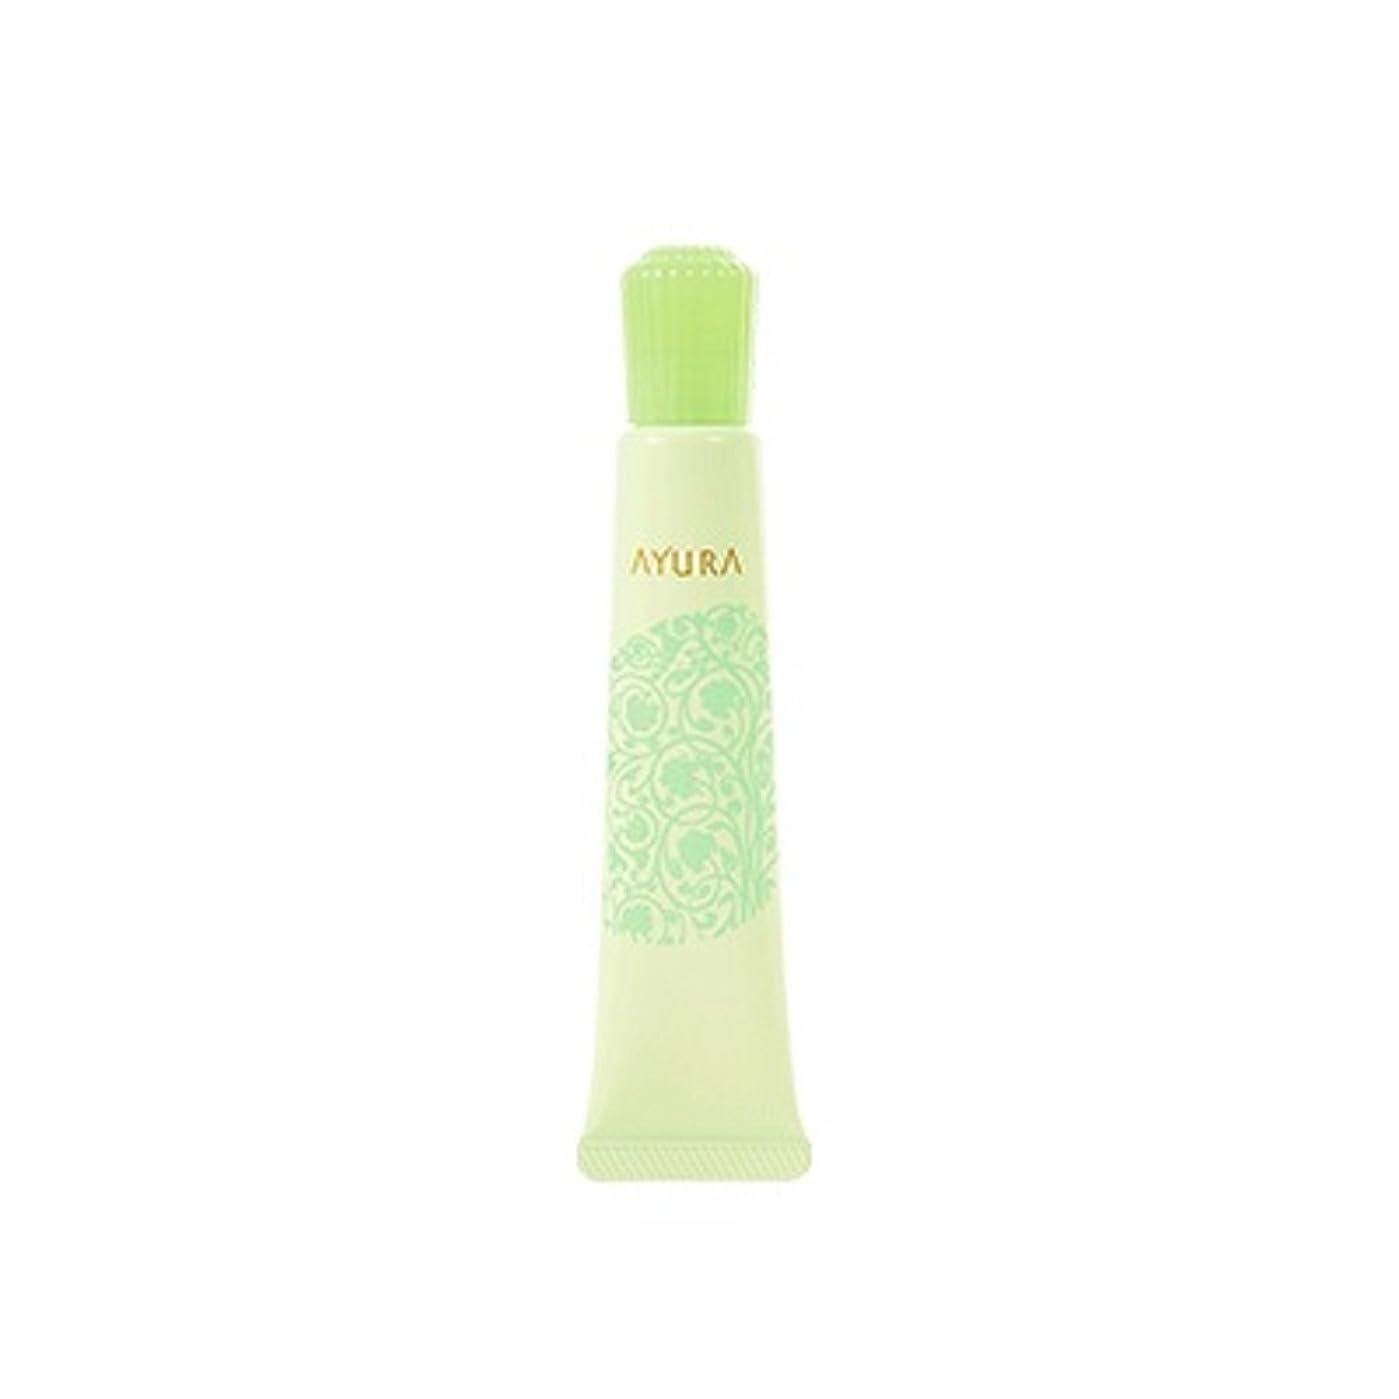 姿勢陽気な混乱させるアユーラ (AYURA) ハンドオアシス 〈ハンド用美容液〉 アロマティックハーブとユーカリの軽やかな香り